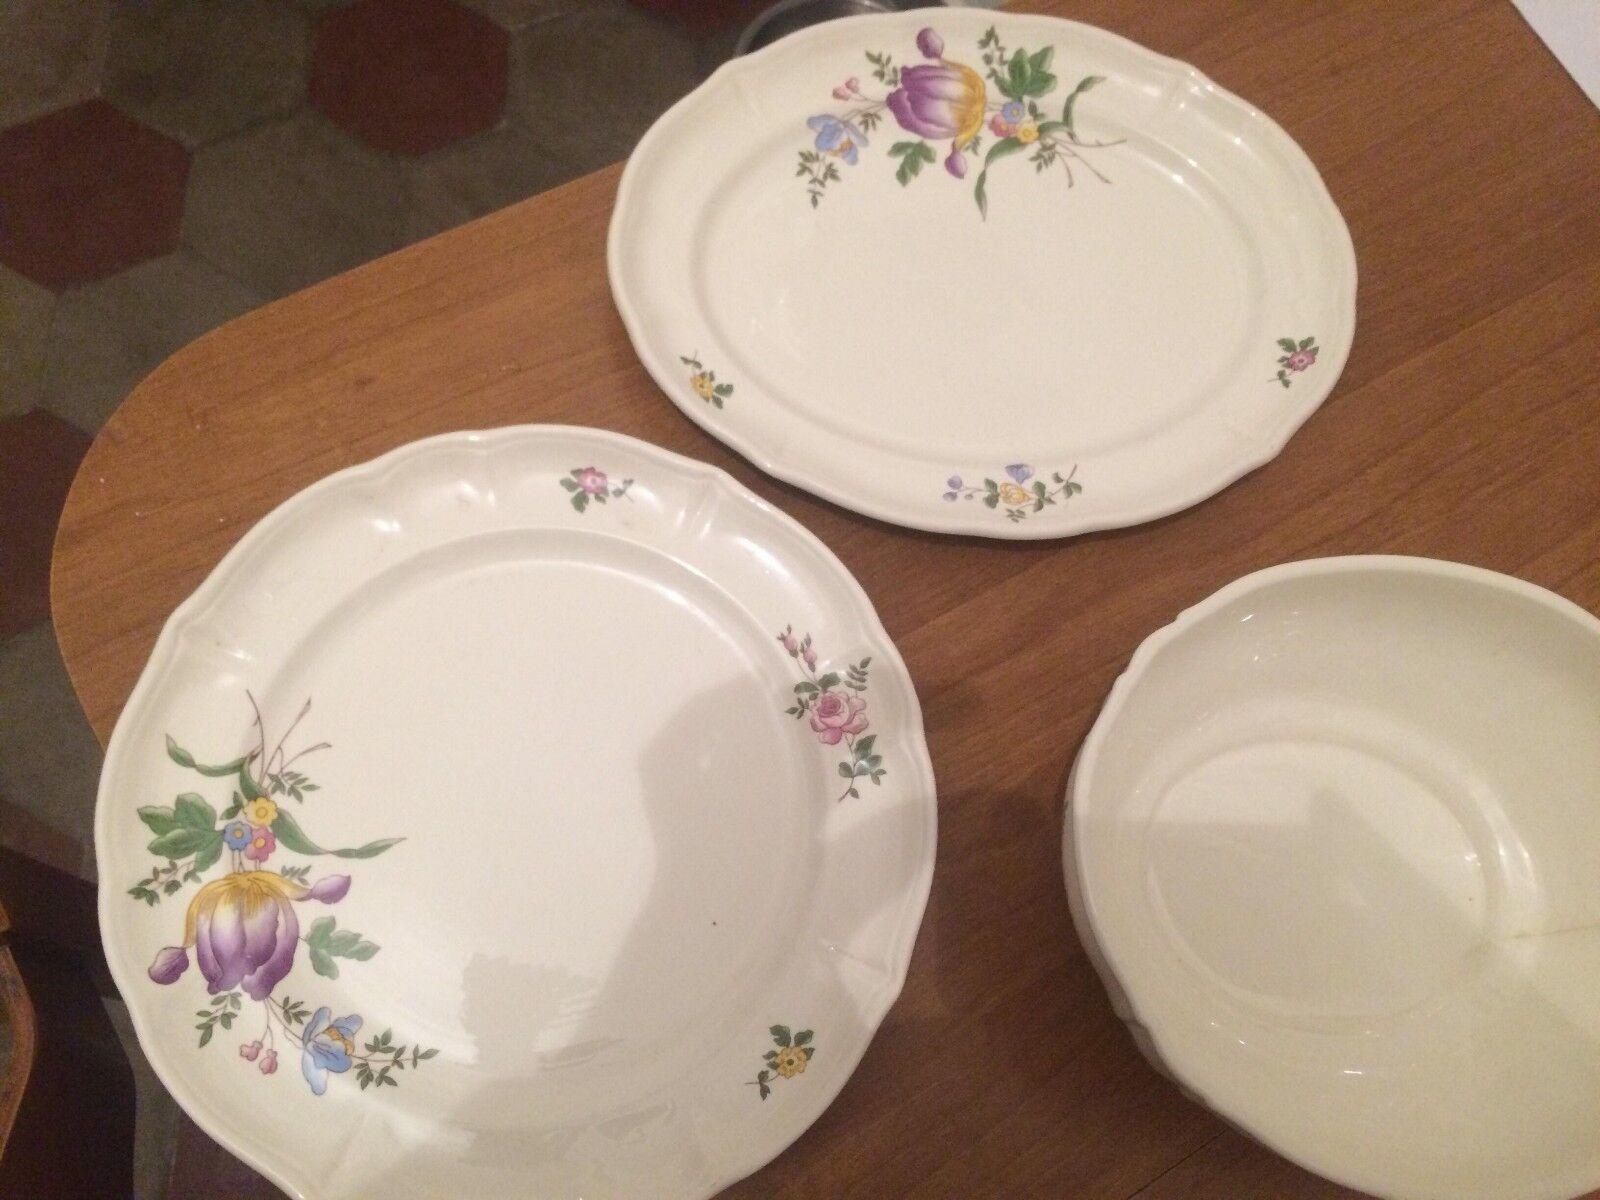 Piatti da portata e ciotola in ceramica Andlovitz Guido per laveno